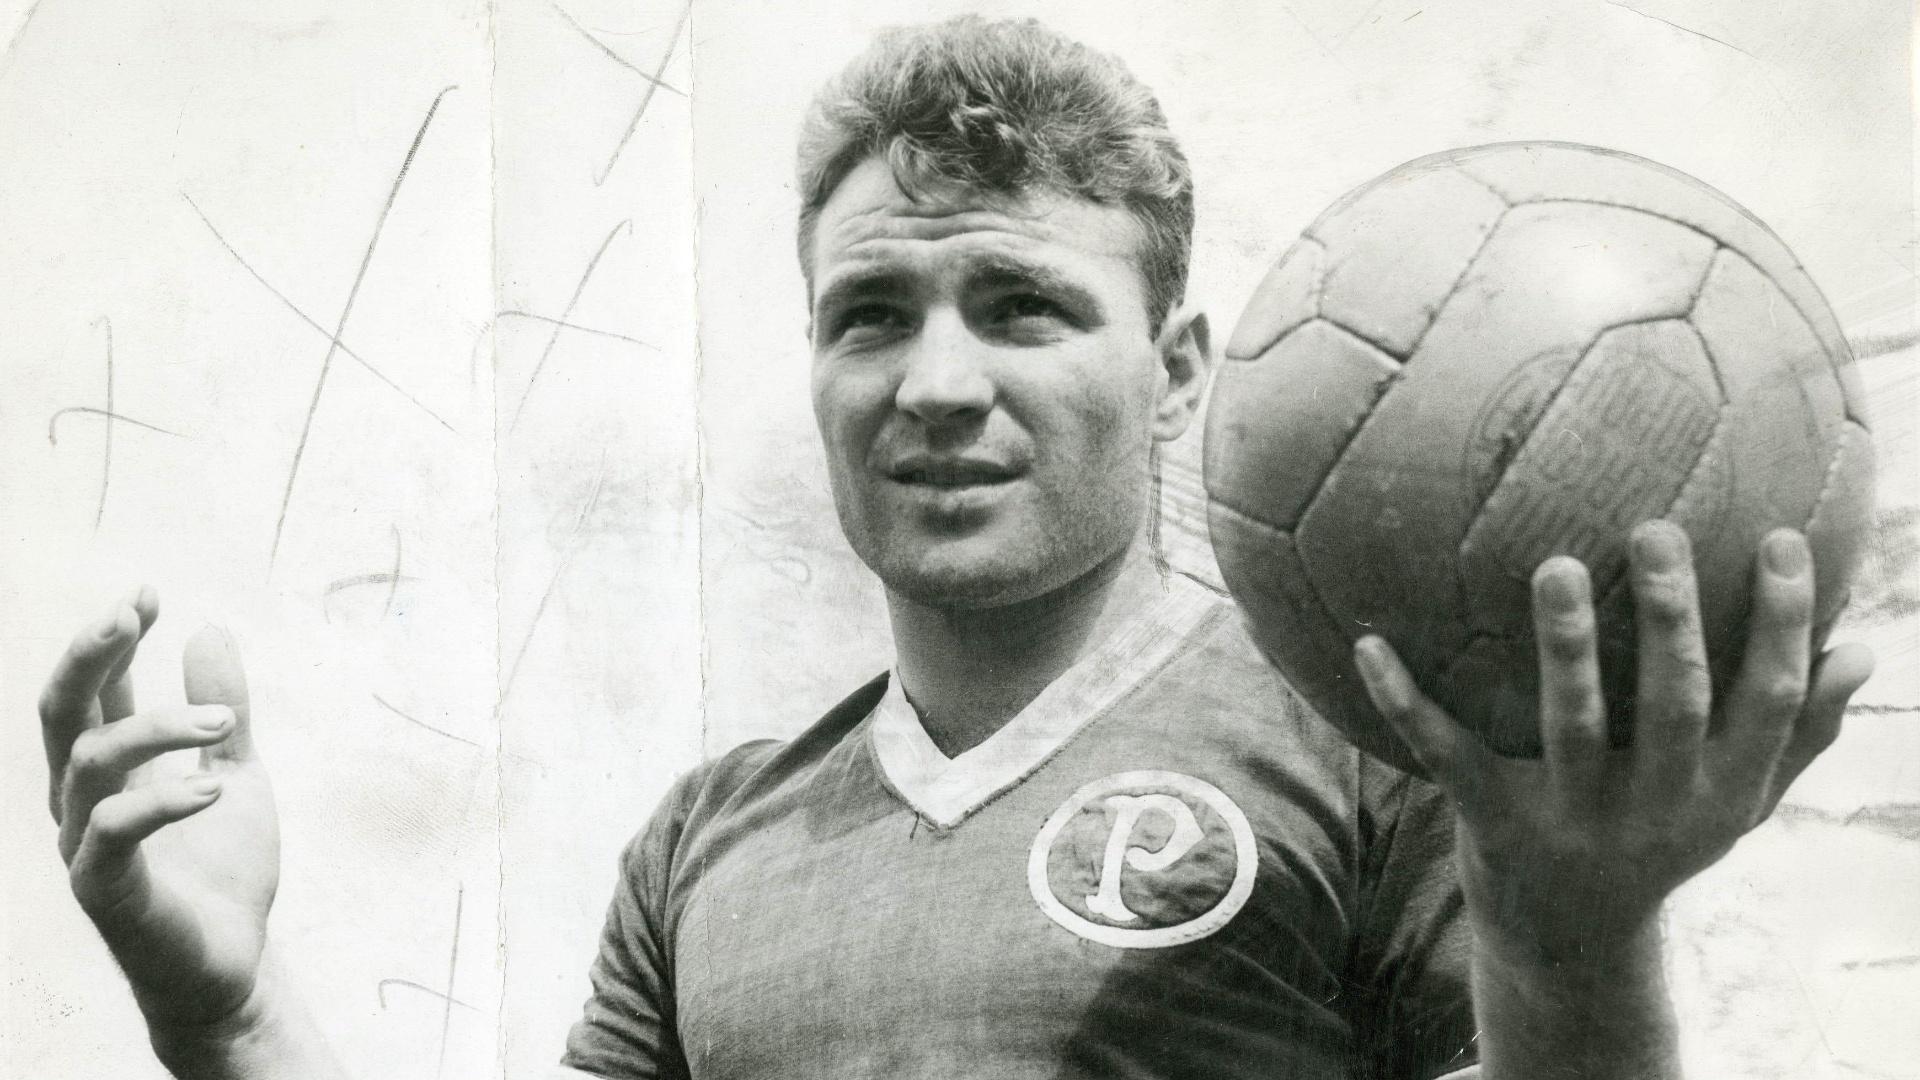 Nos remotos anos 50, onde não era tão comum jogadores brasileiros nos times europeus, o Milan apostou no jovem Mazzola e ganhou um dos maiores ídolos de sua história